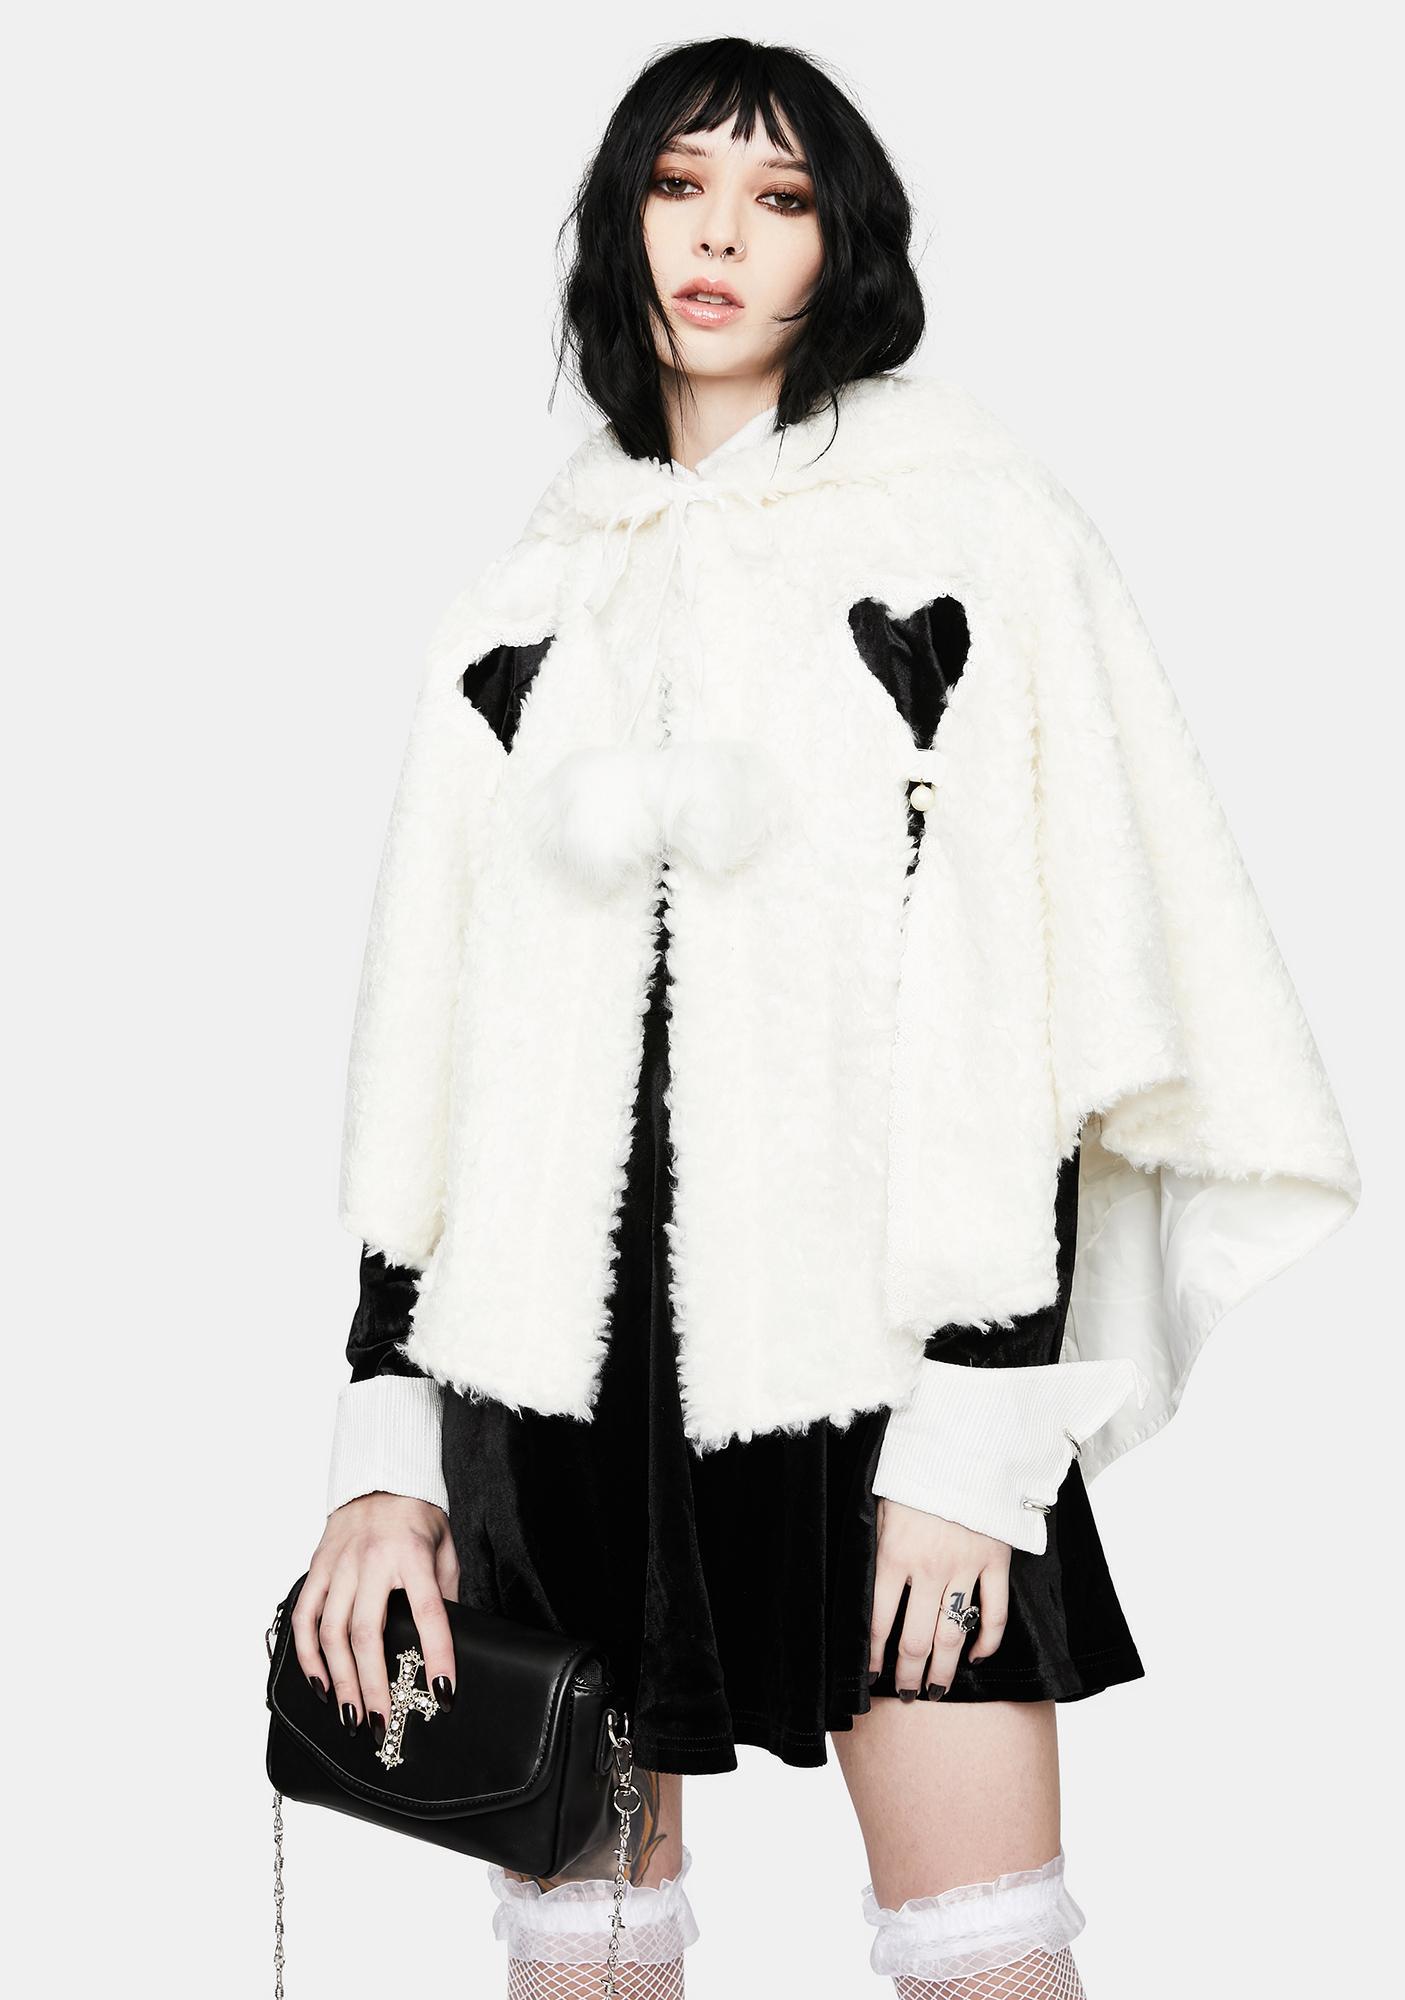 Punk Rave Lolita Heart Shaped Hollow White Plush Cape